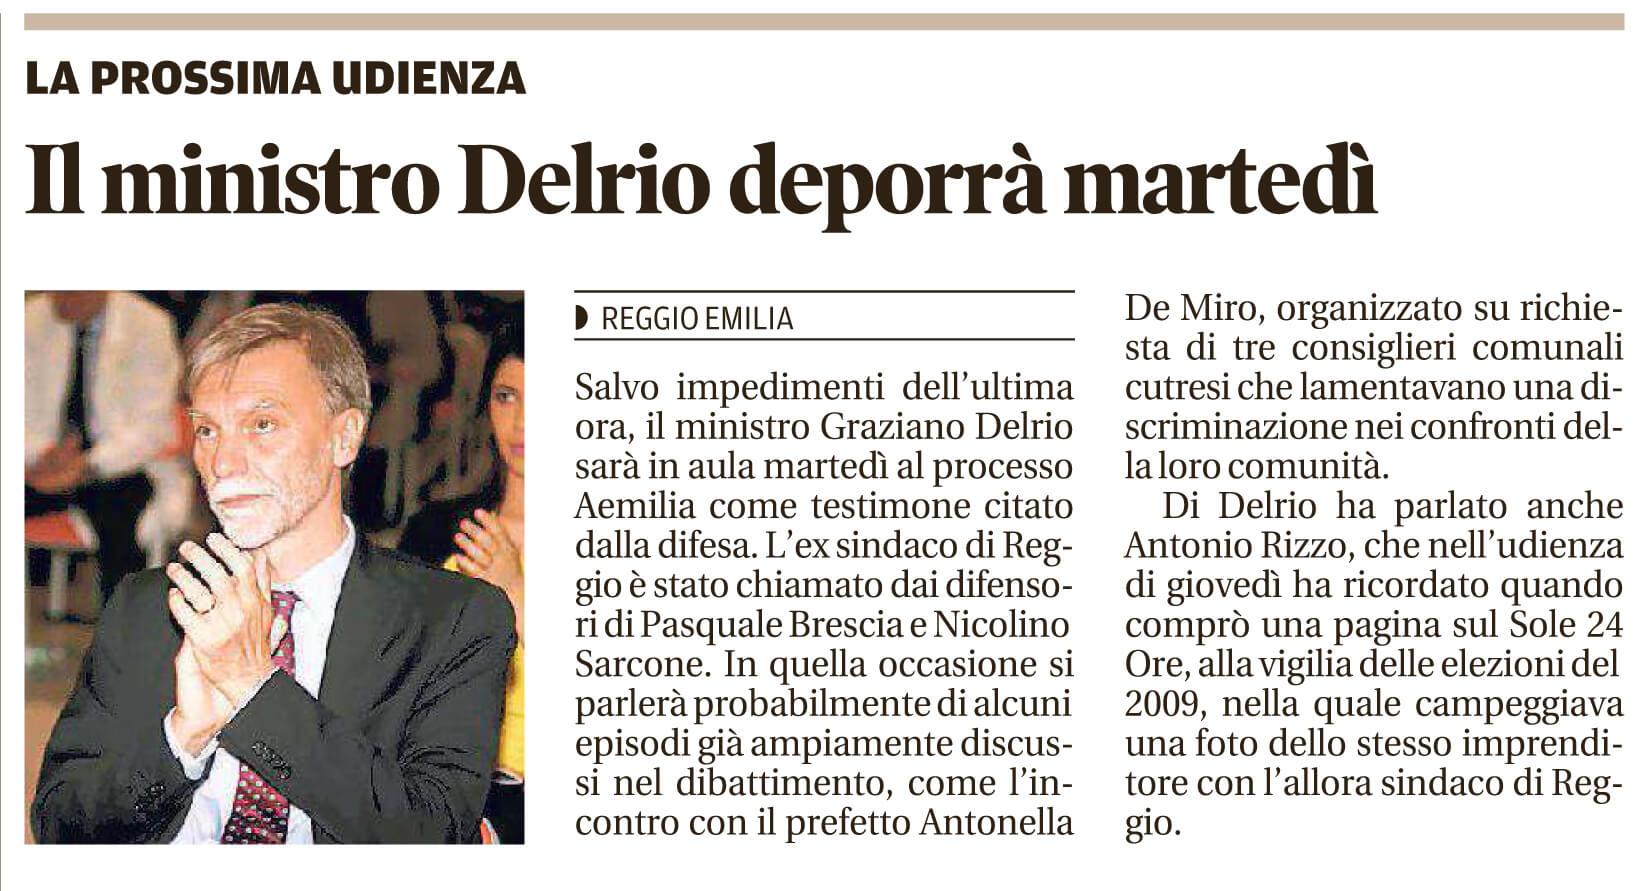 Delrio deporrà martedì